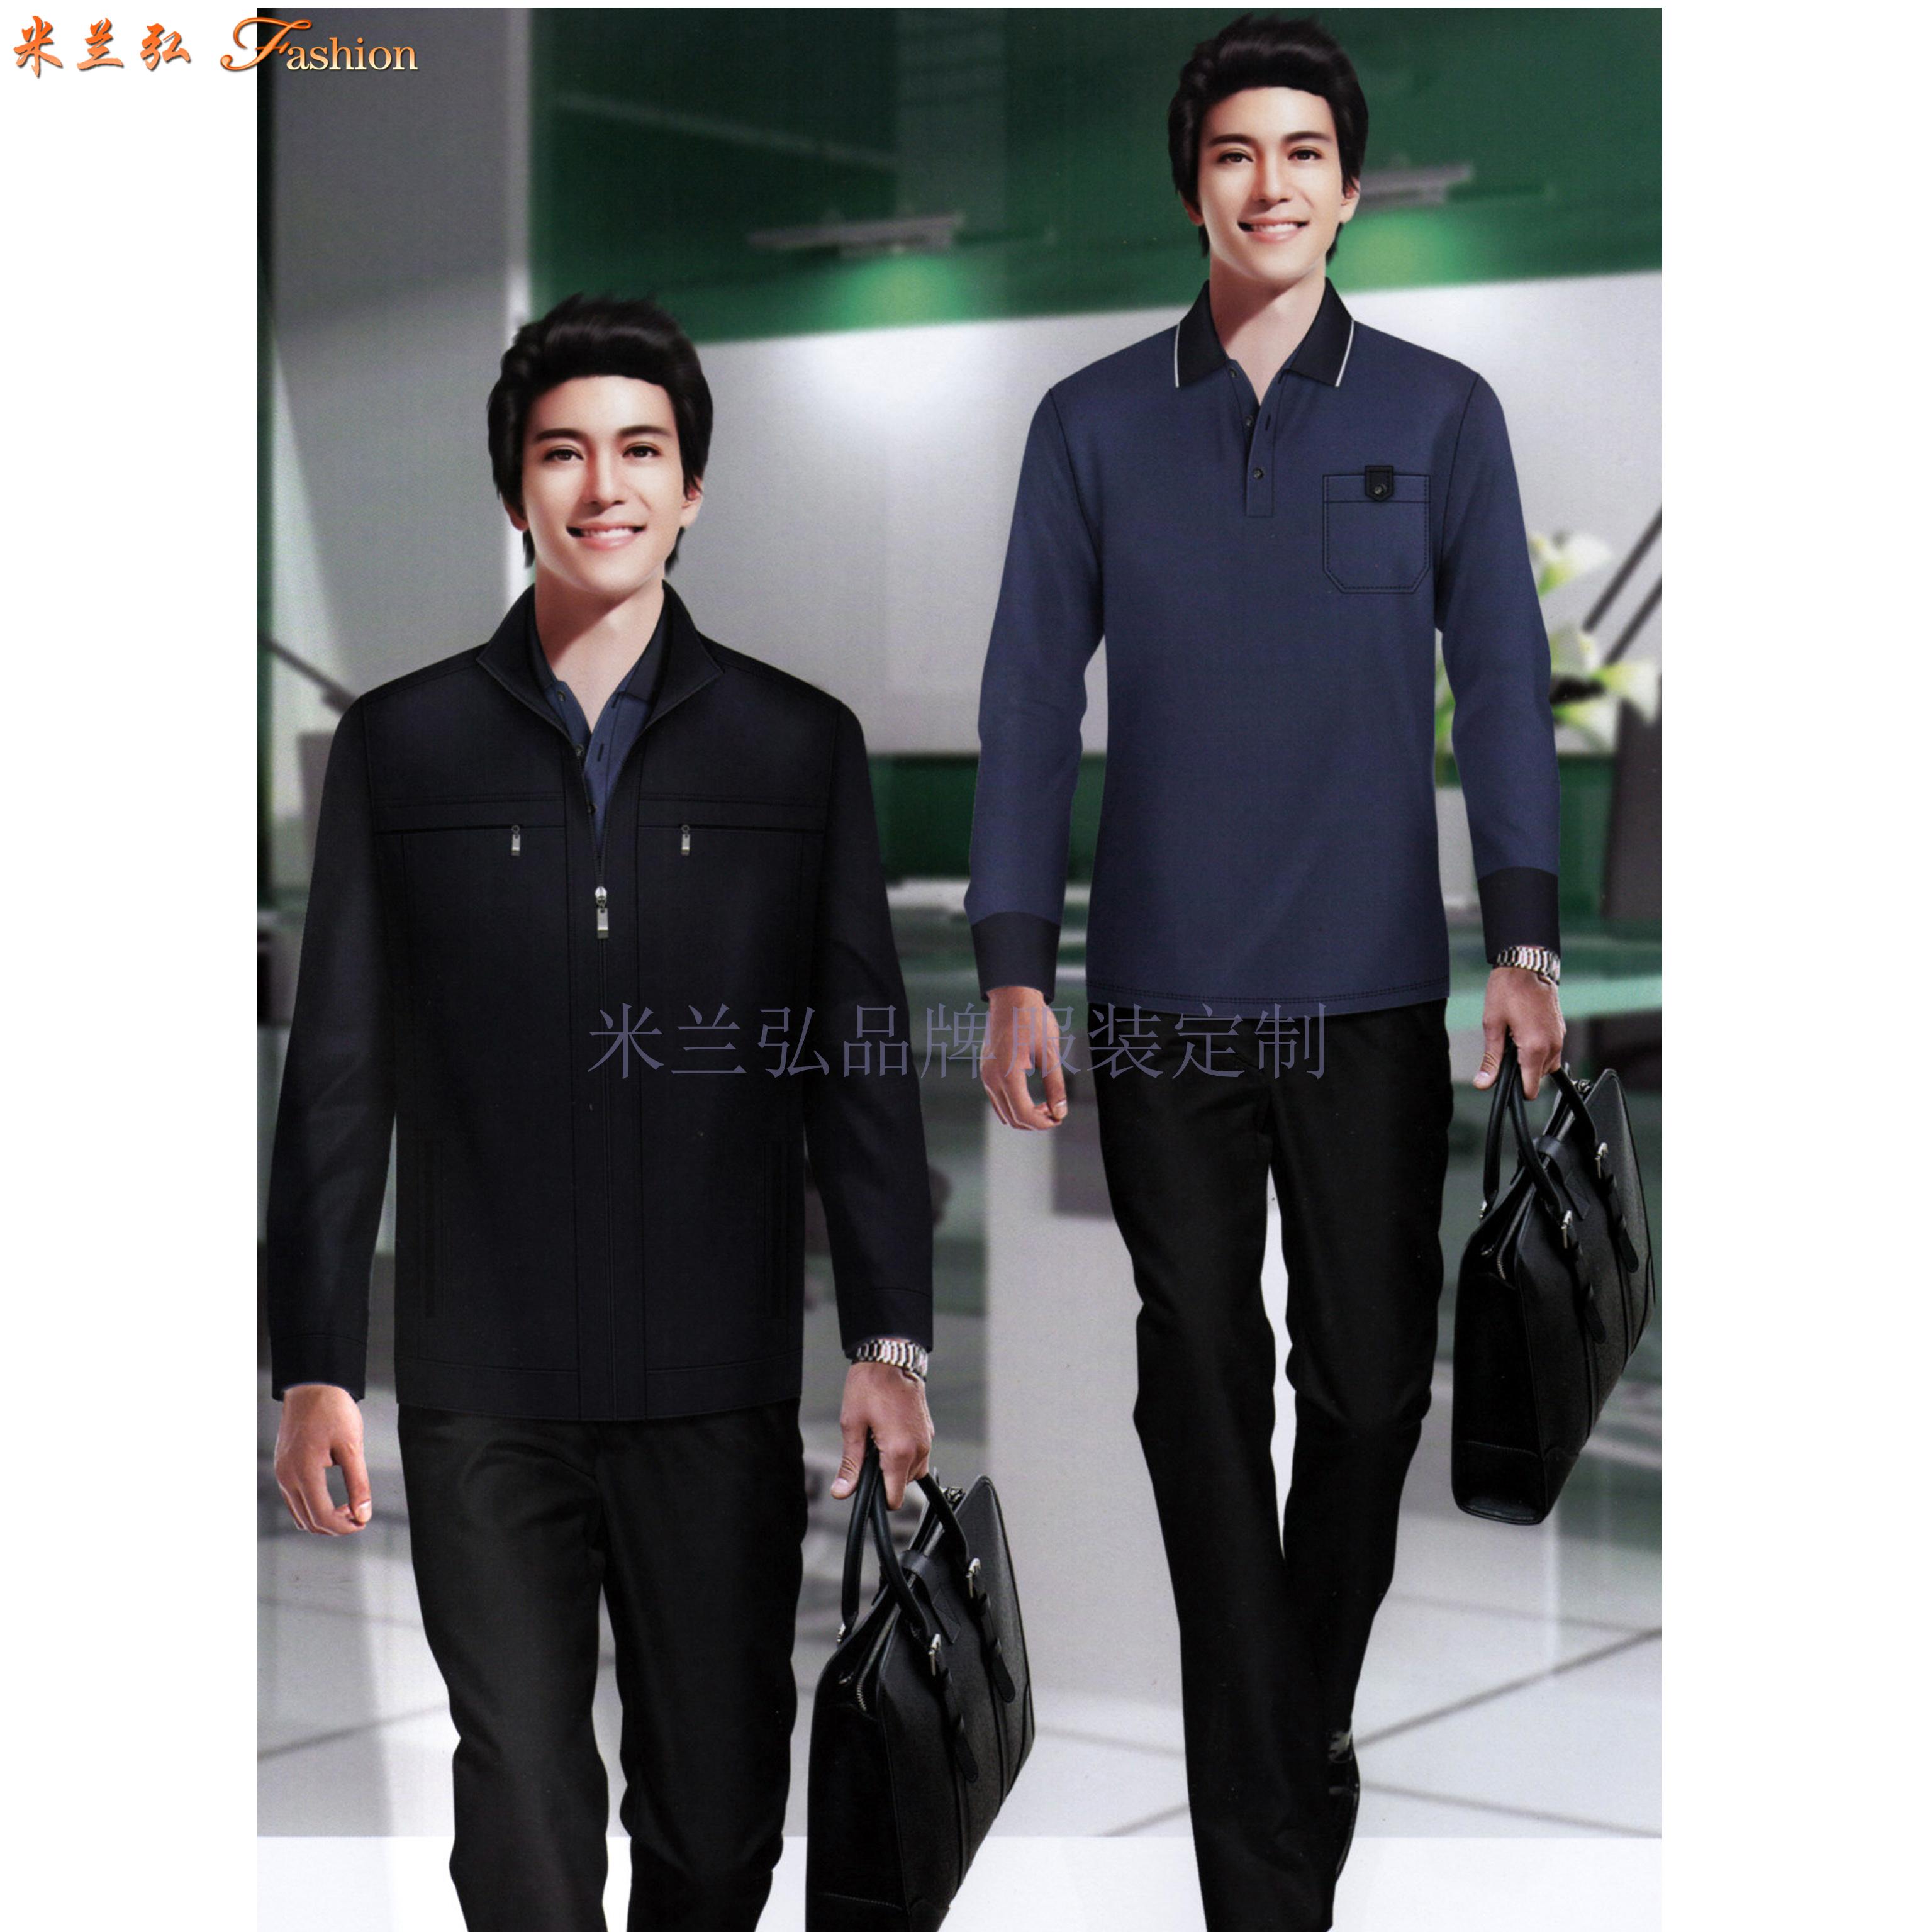 「北京商務夾克定制」「北京商務夾克訂做」推薦米蘭弘服裝公司-5